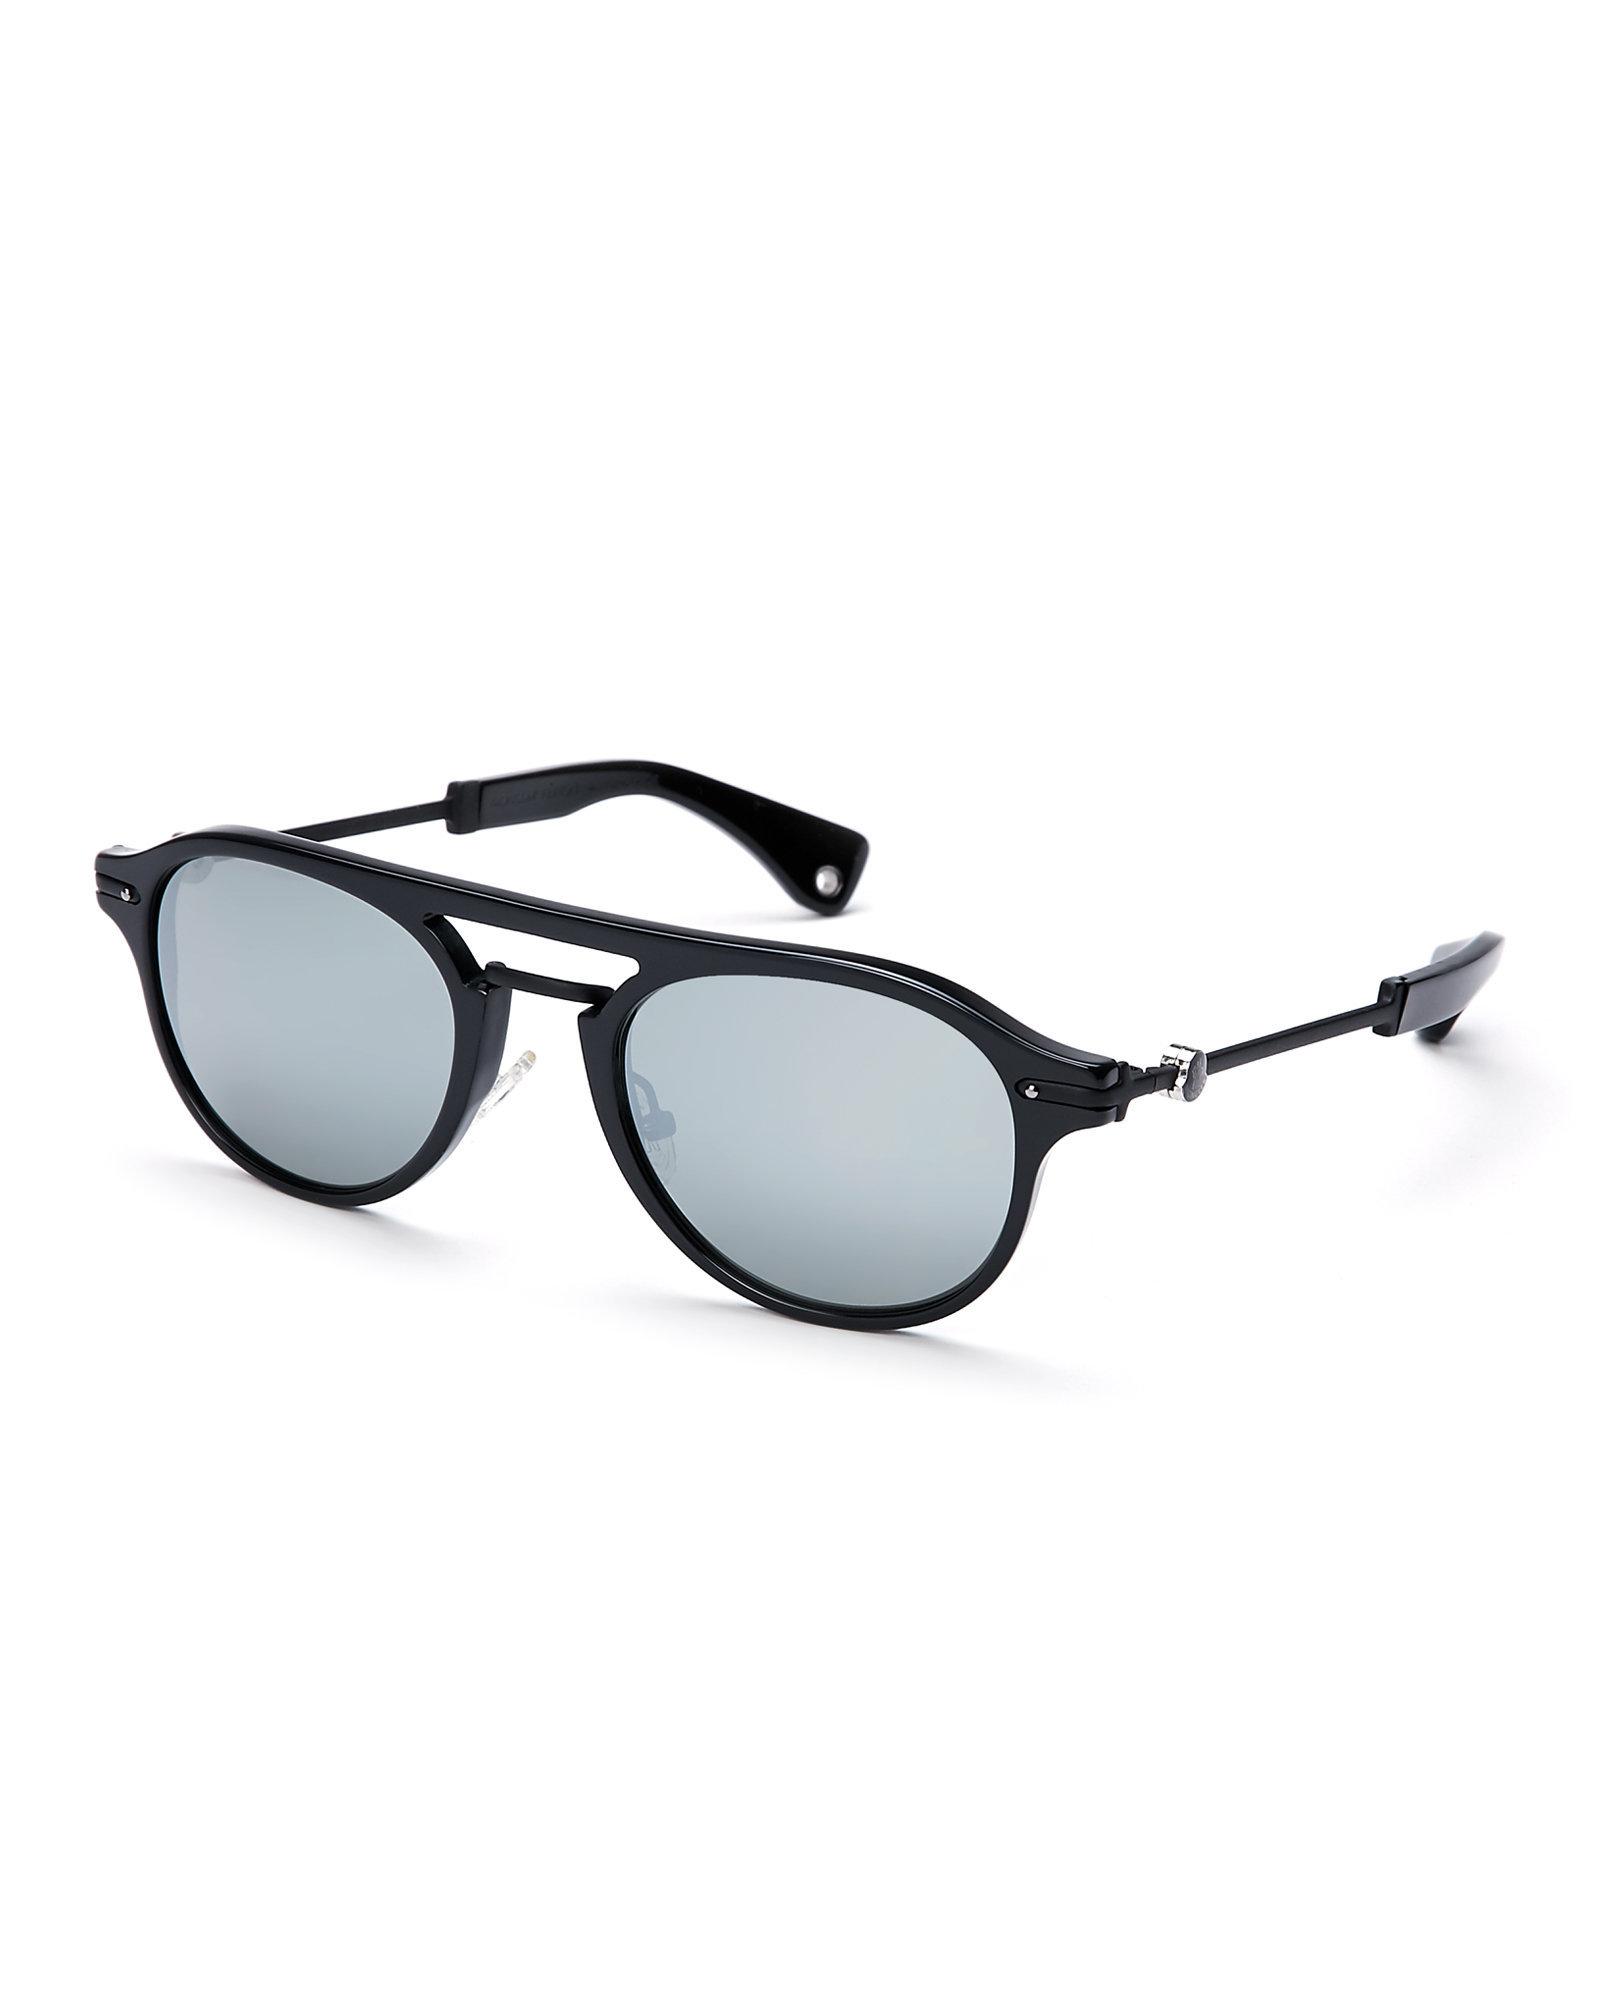 83c400c9599 Lyst - Moncler Black Mc503 Aviator Sunglasses in Black for Men